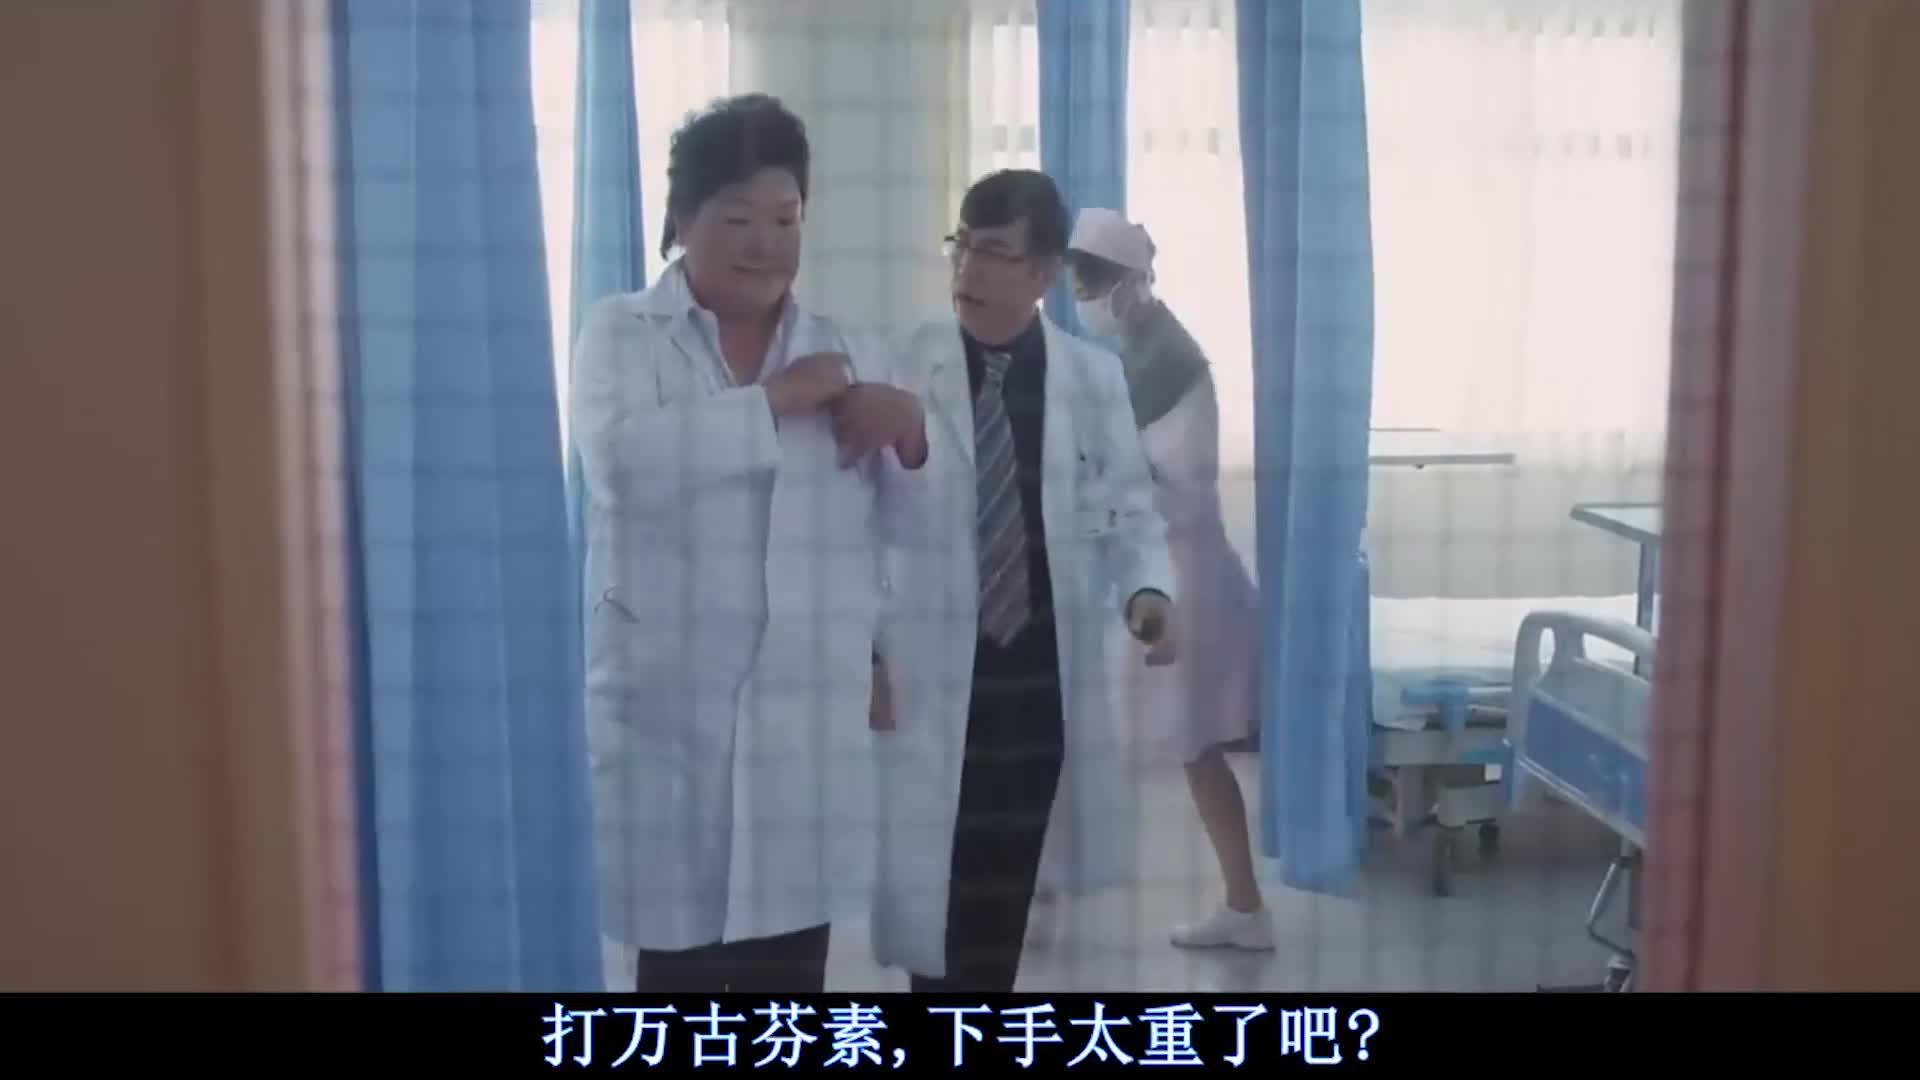 在医院打针,一会热一会冷,到底会不会出事?